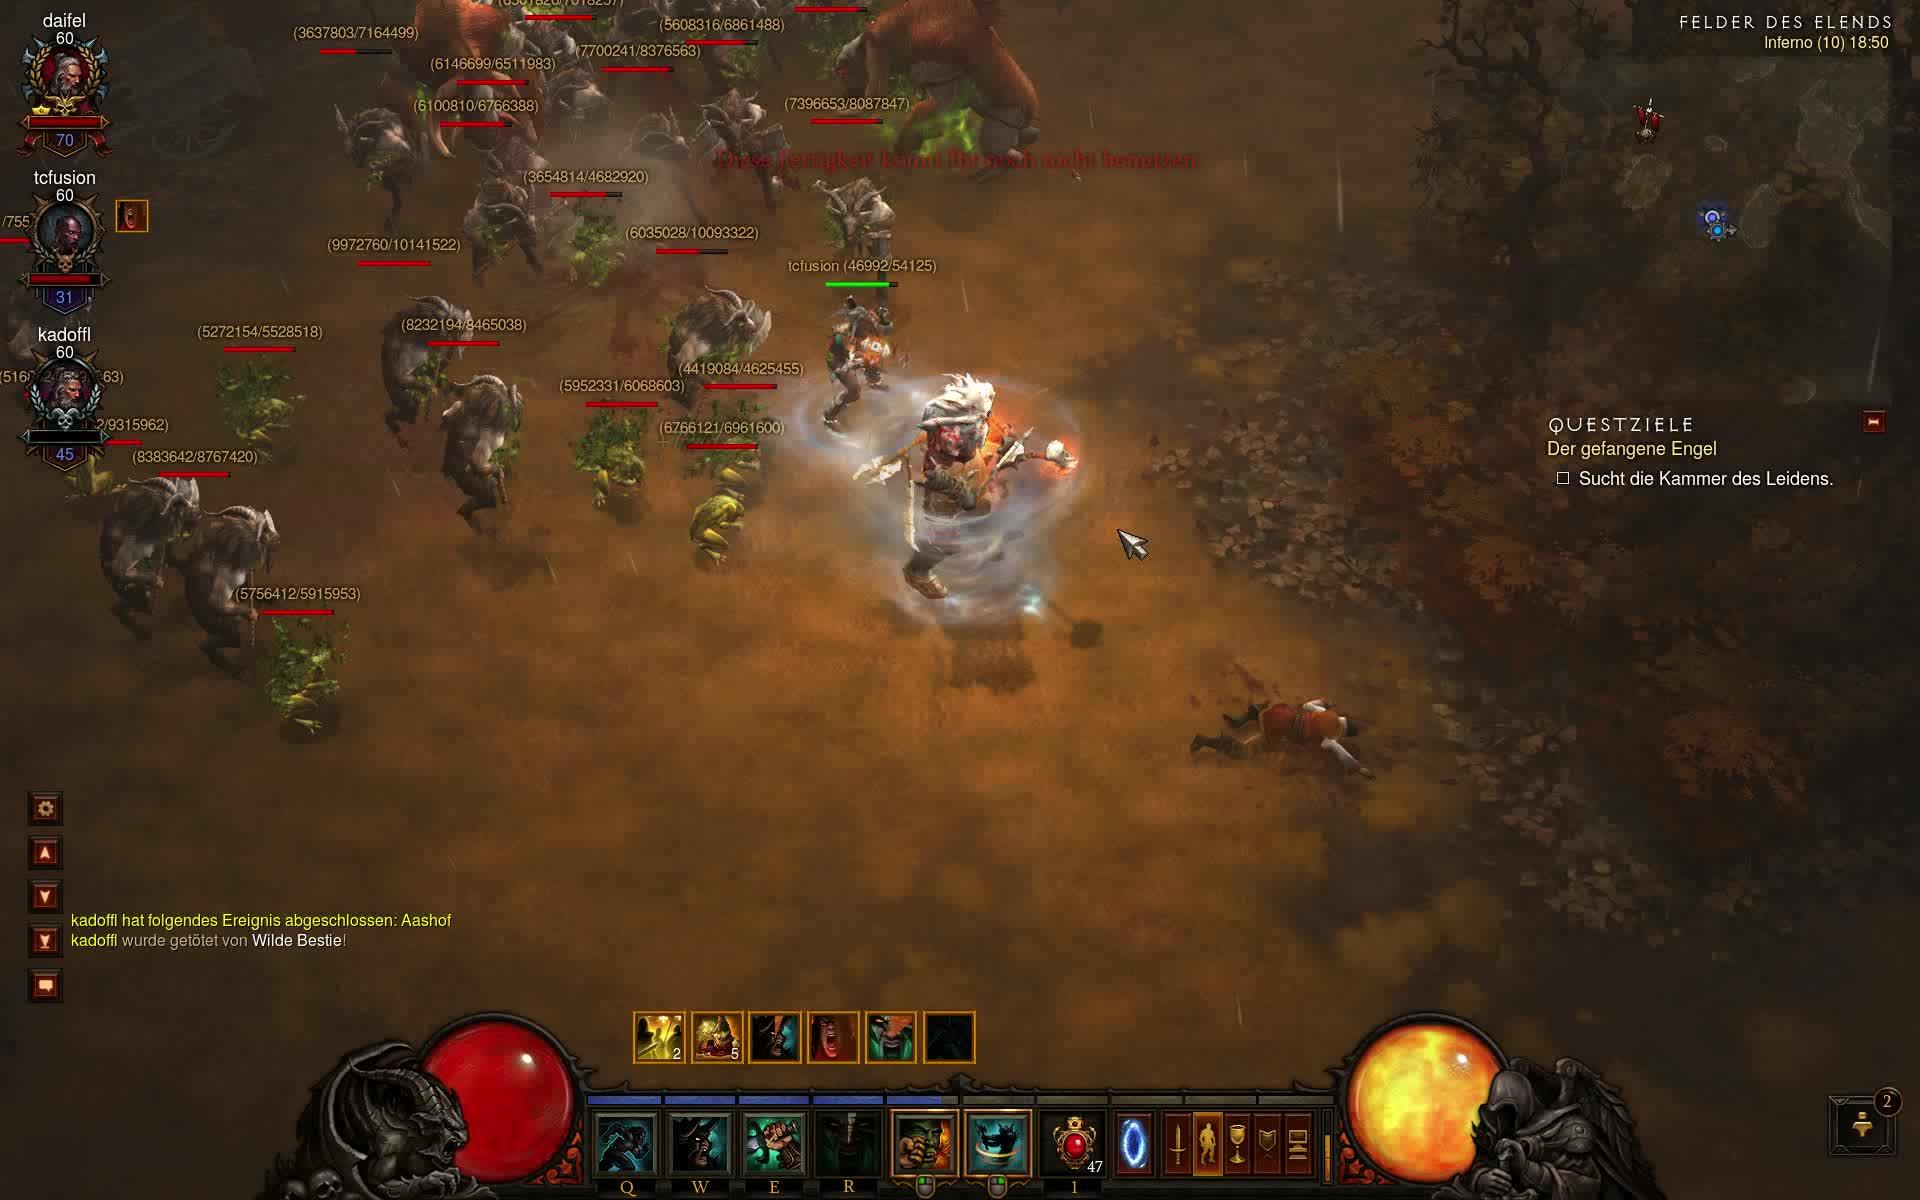 pathofexile, Diablo III - Server Lags Teil 2 GIFs